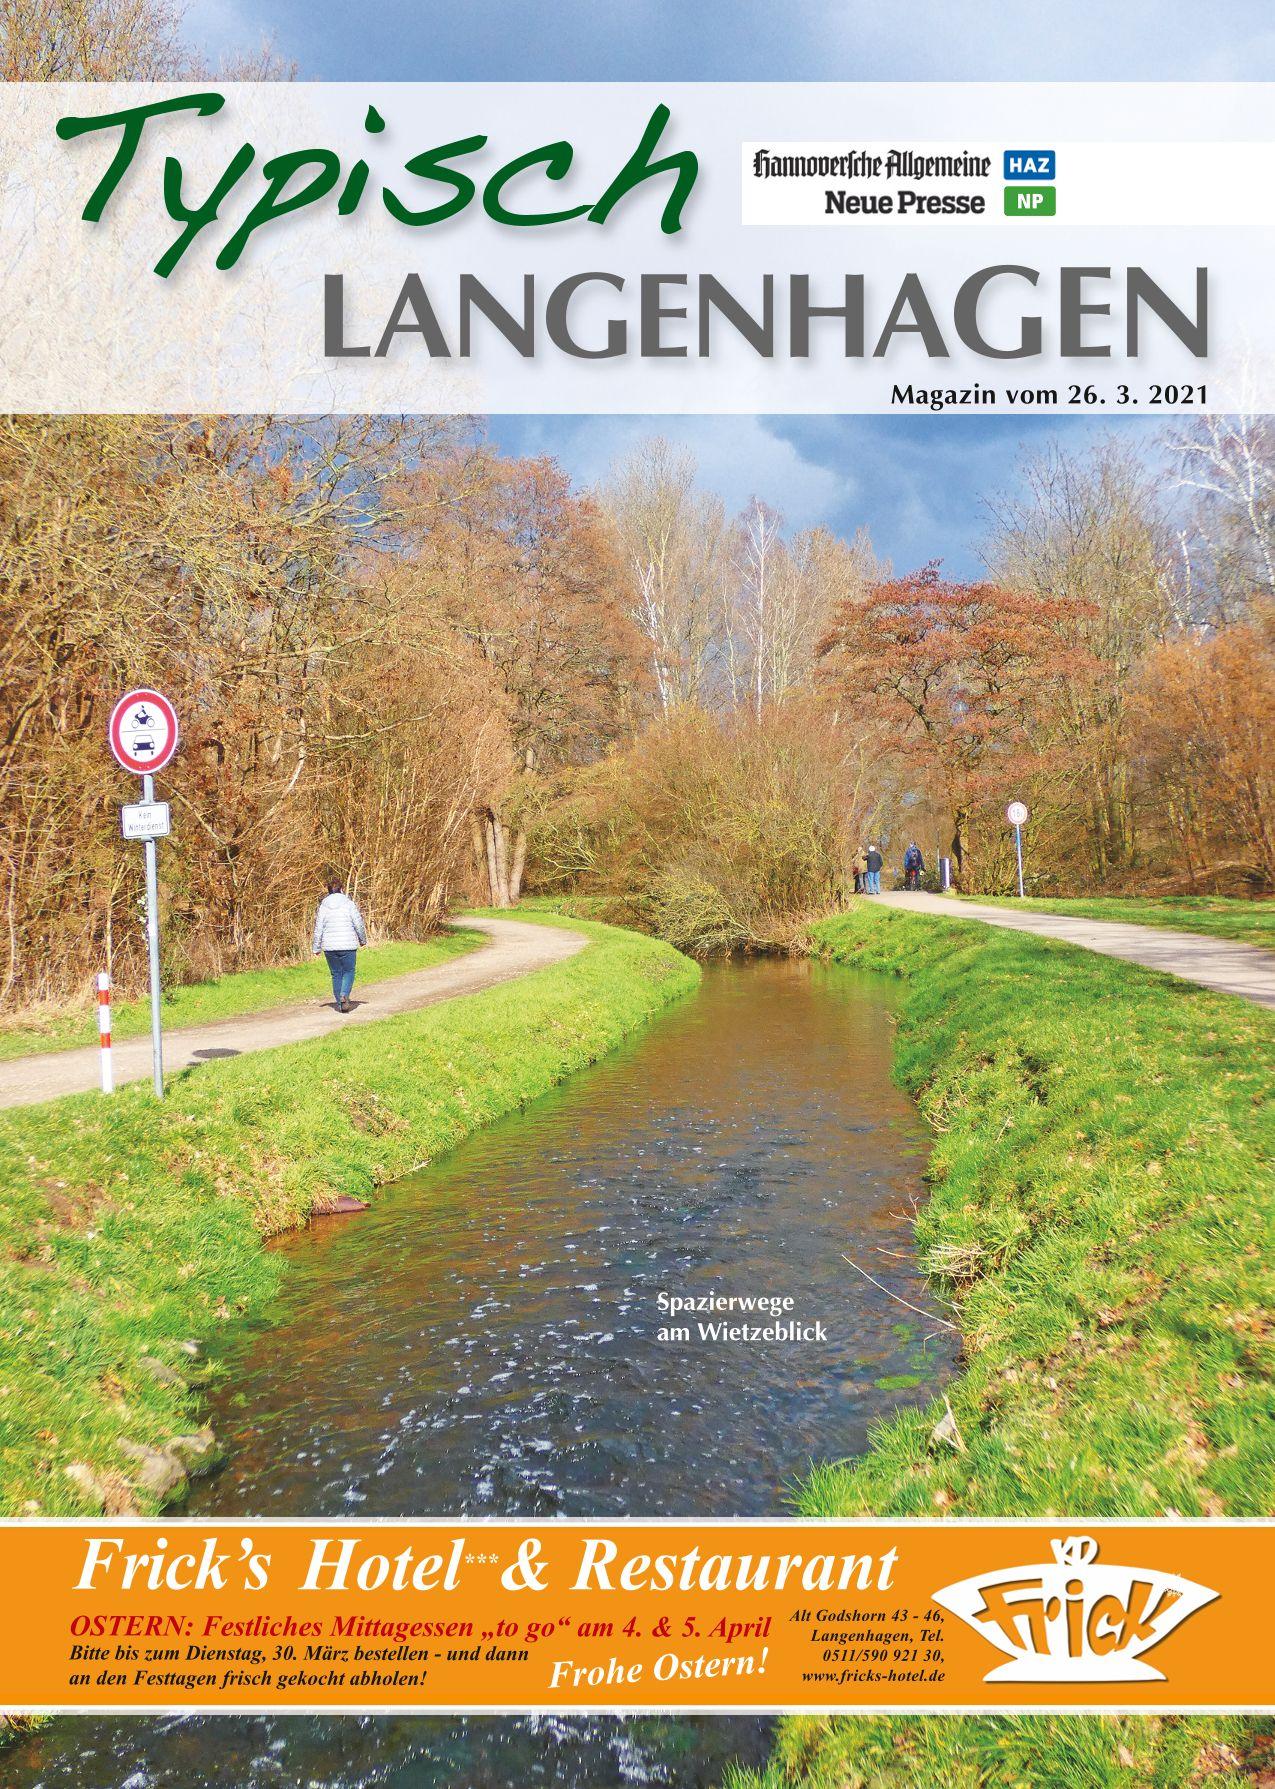 langenhagen 26.03.2021